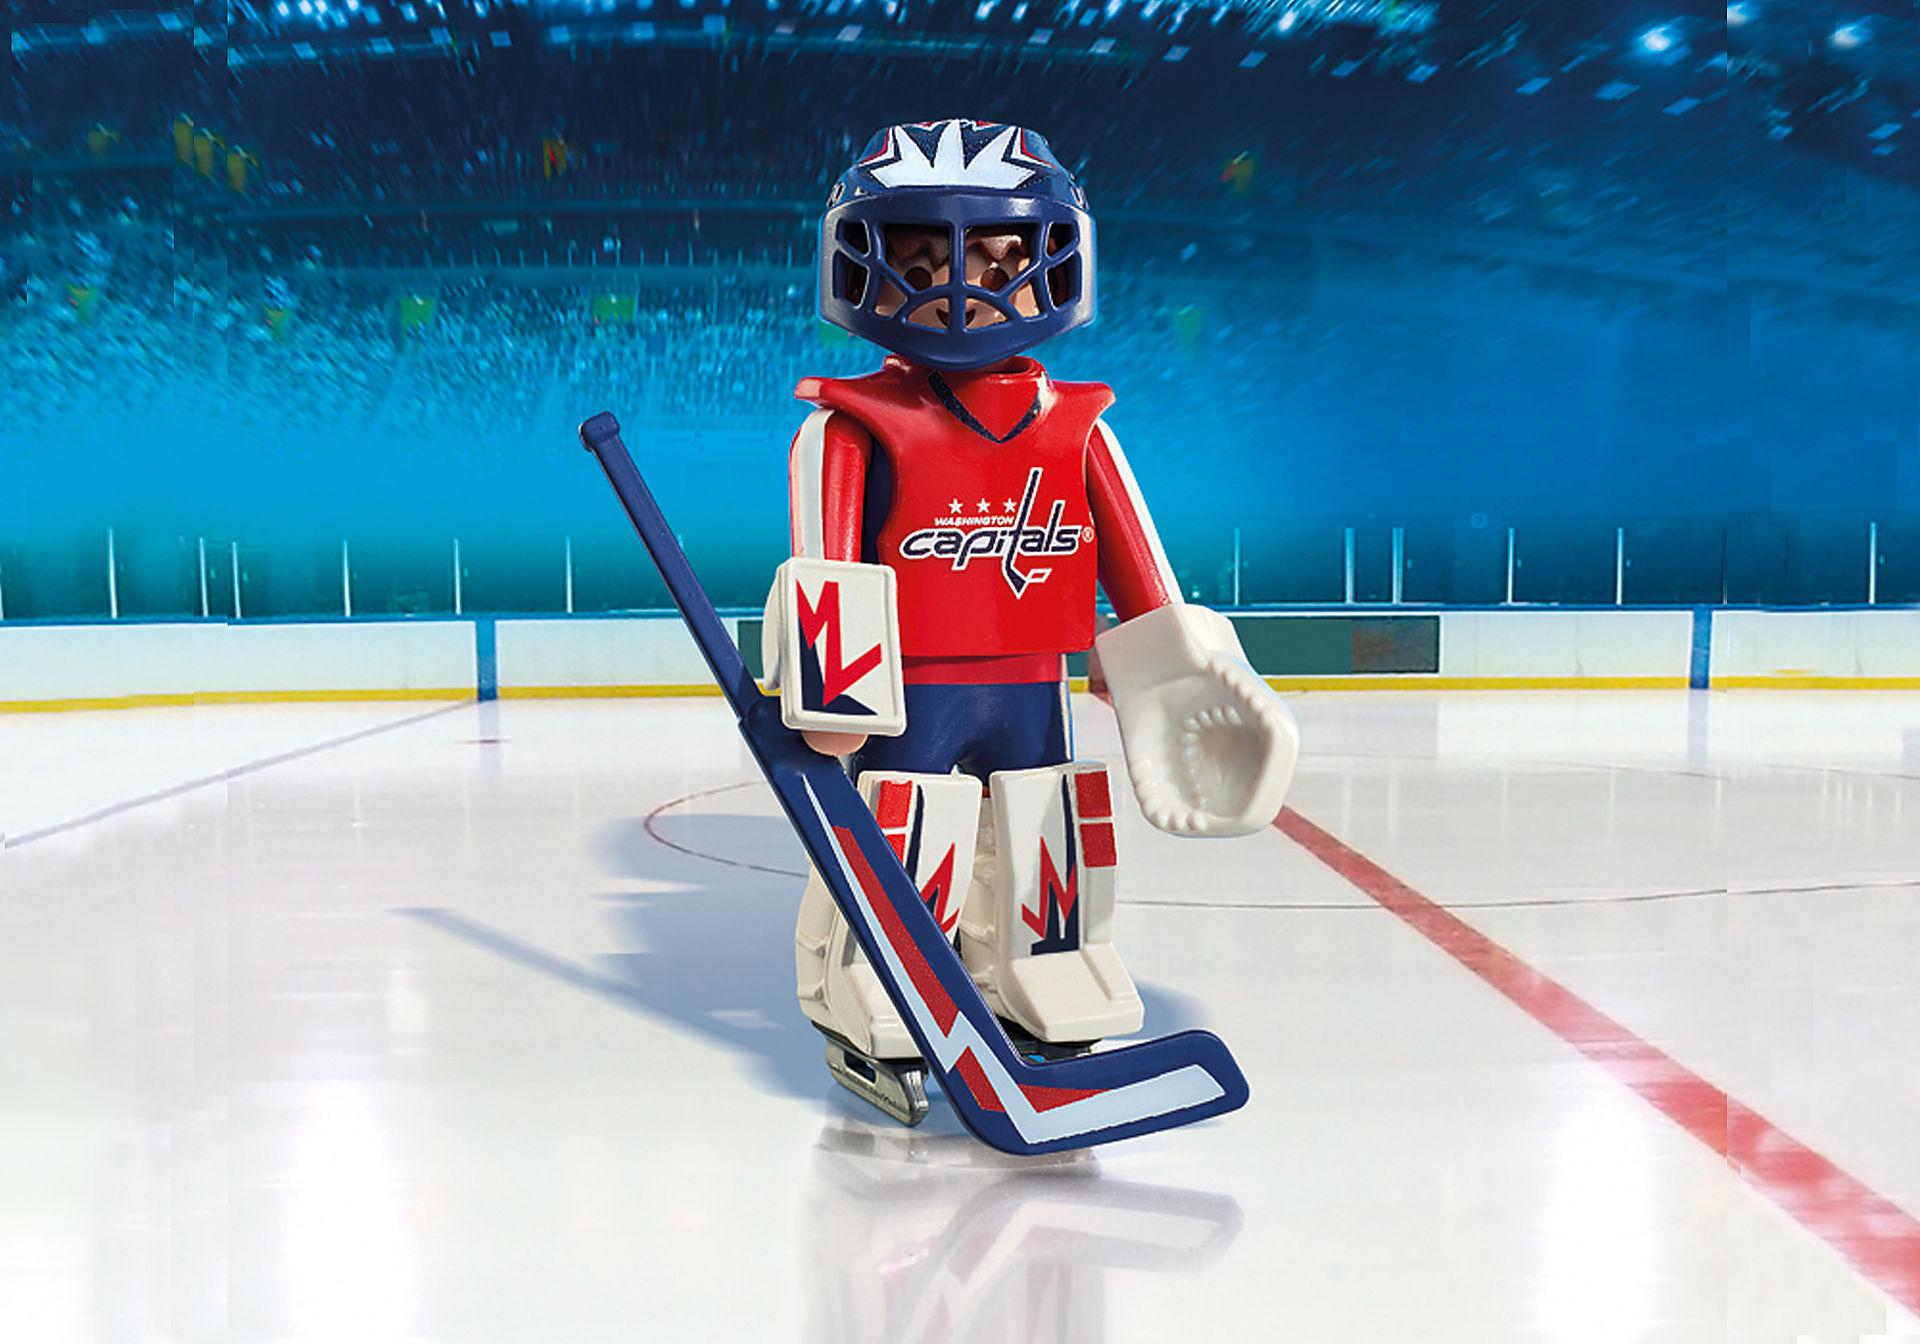 9034 NHL™ Washington Capitals™ Goalie zoom image1